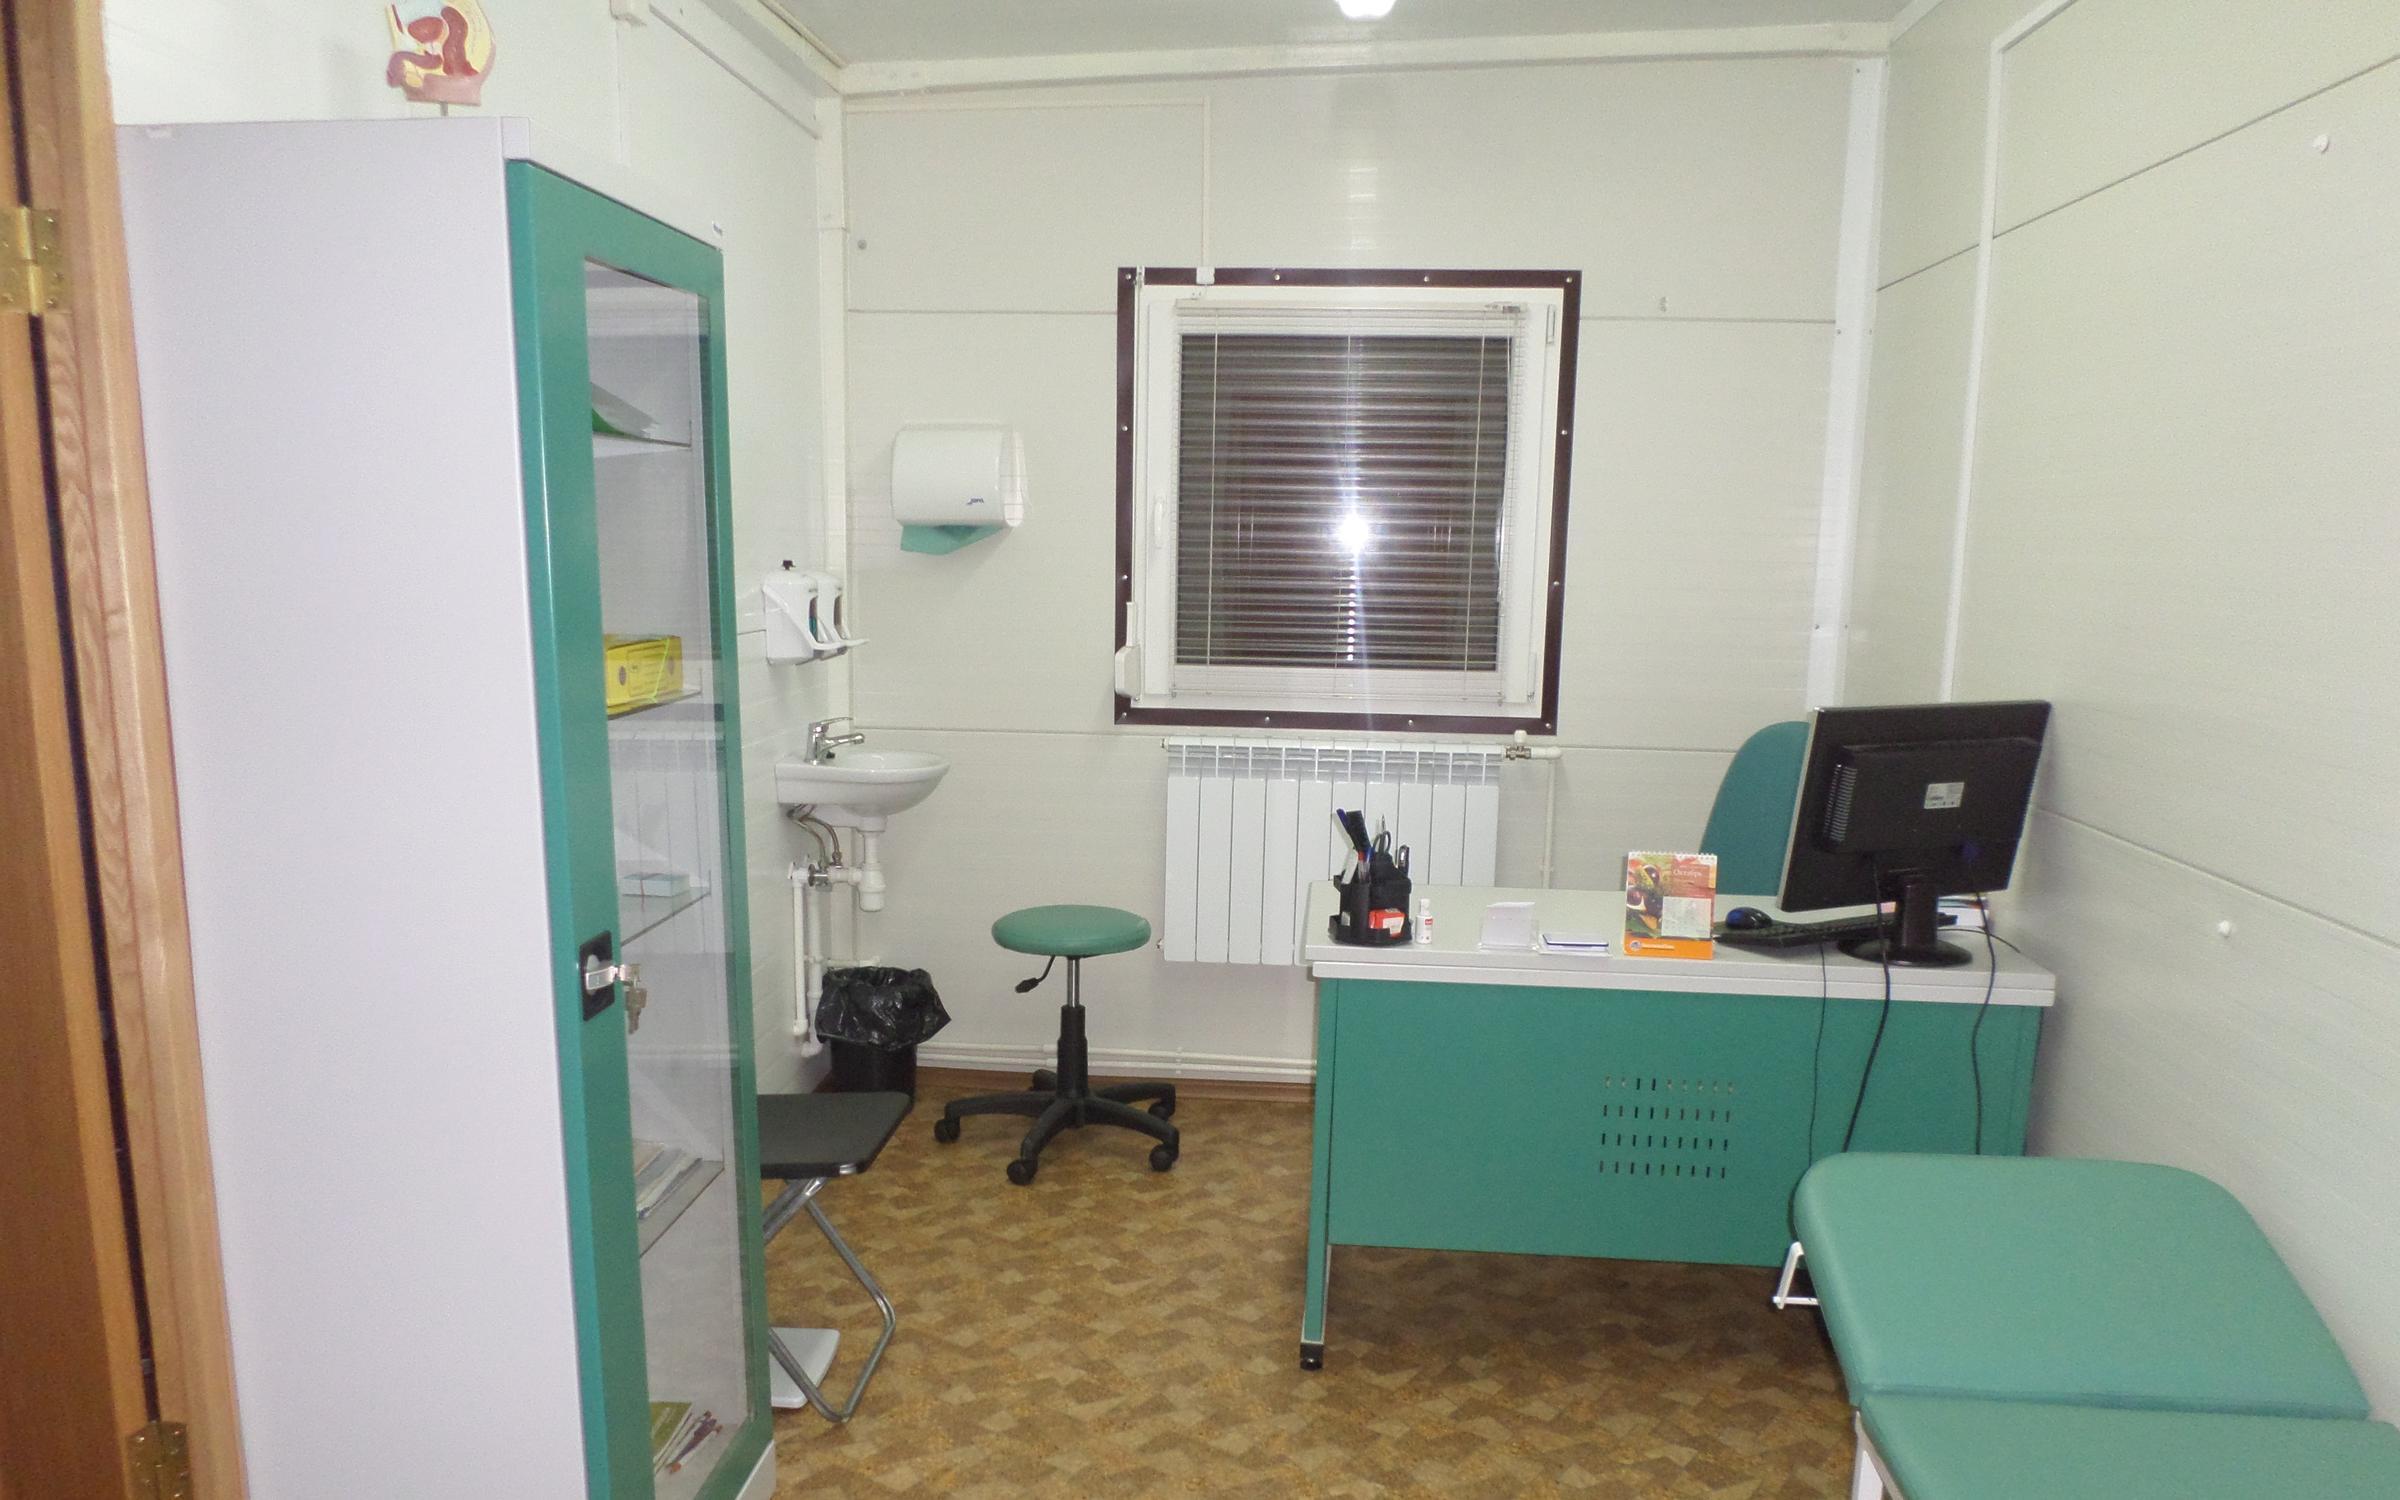 фотография Медицинского центра Прогноз на улице Ульяны Громовой, 4б